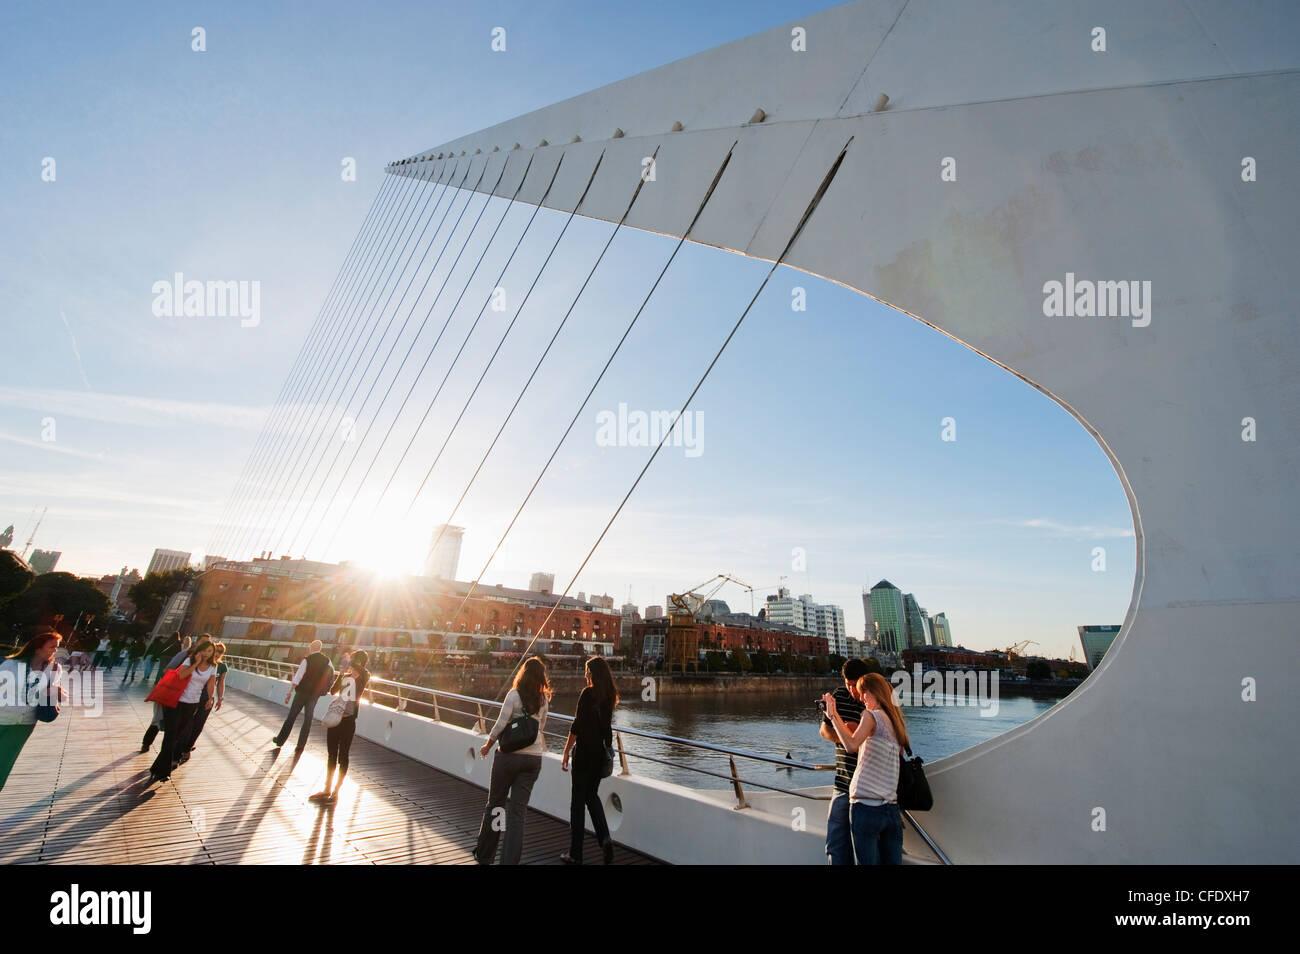 Puente de la Mujer, Buenos Aires, Argentina, Sudamérica Imagen De Stock